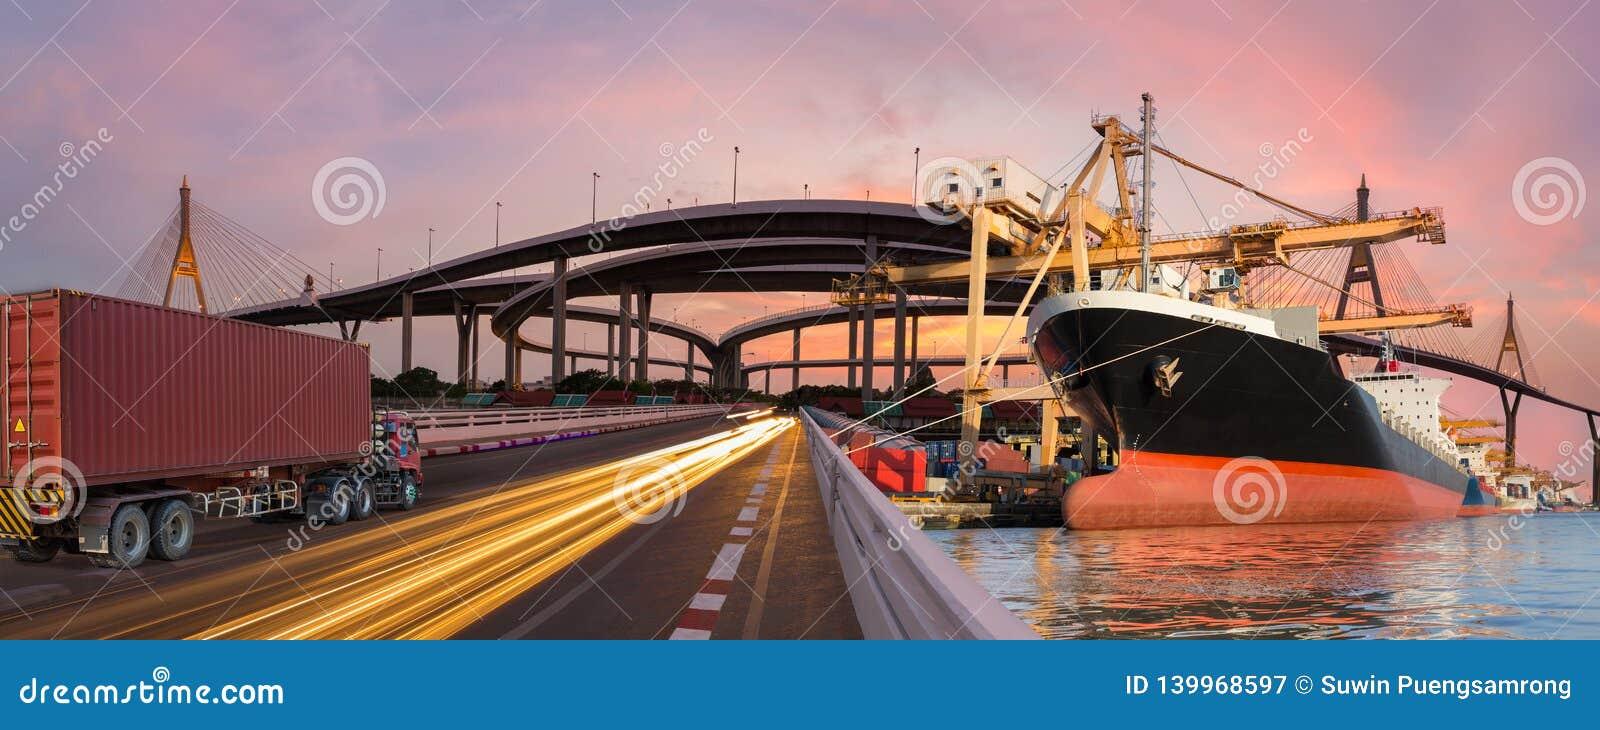 Panoramy przewieziony i logistycznie pojęcie ciężarowym łódź samolotem dla logistycznie importa eksporta tła